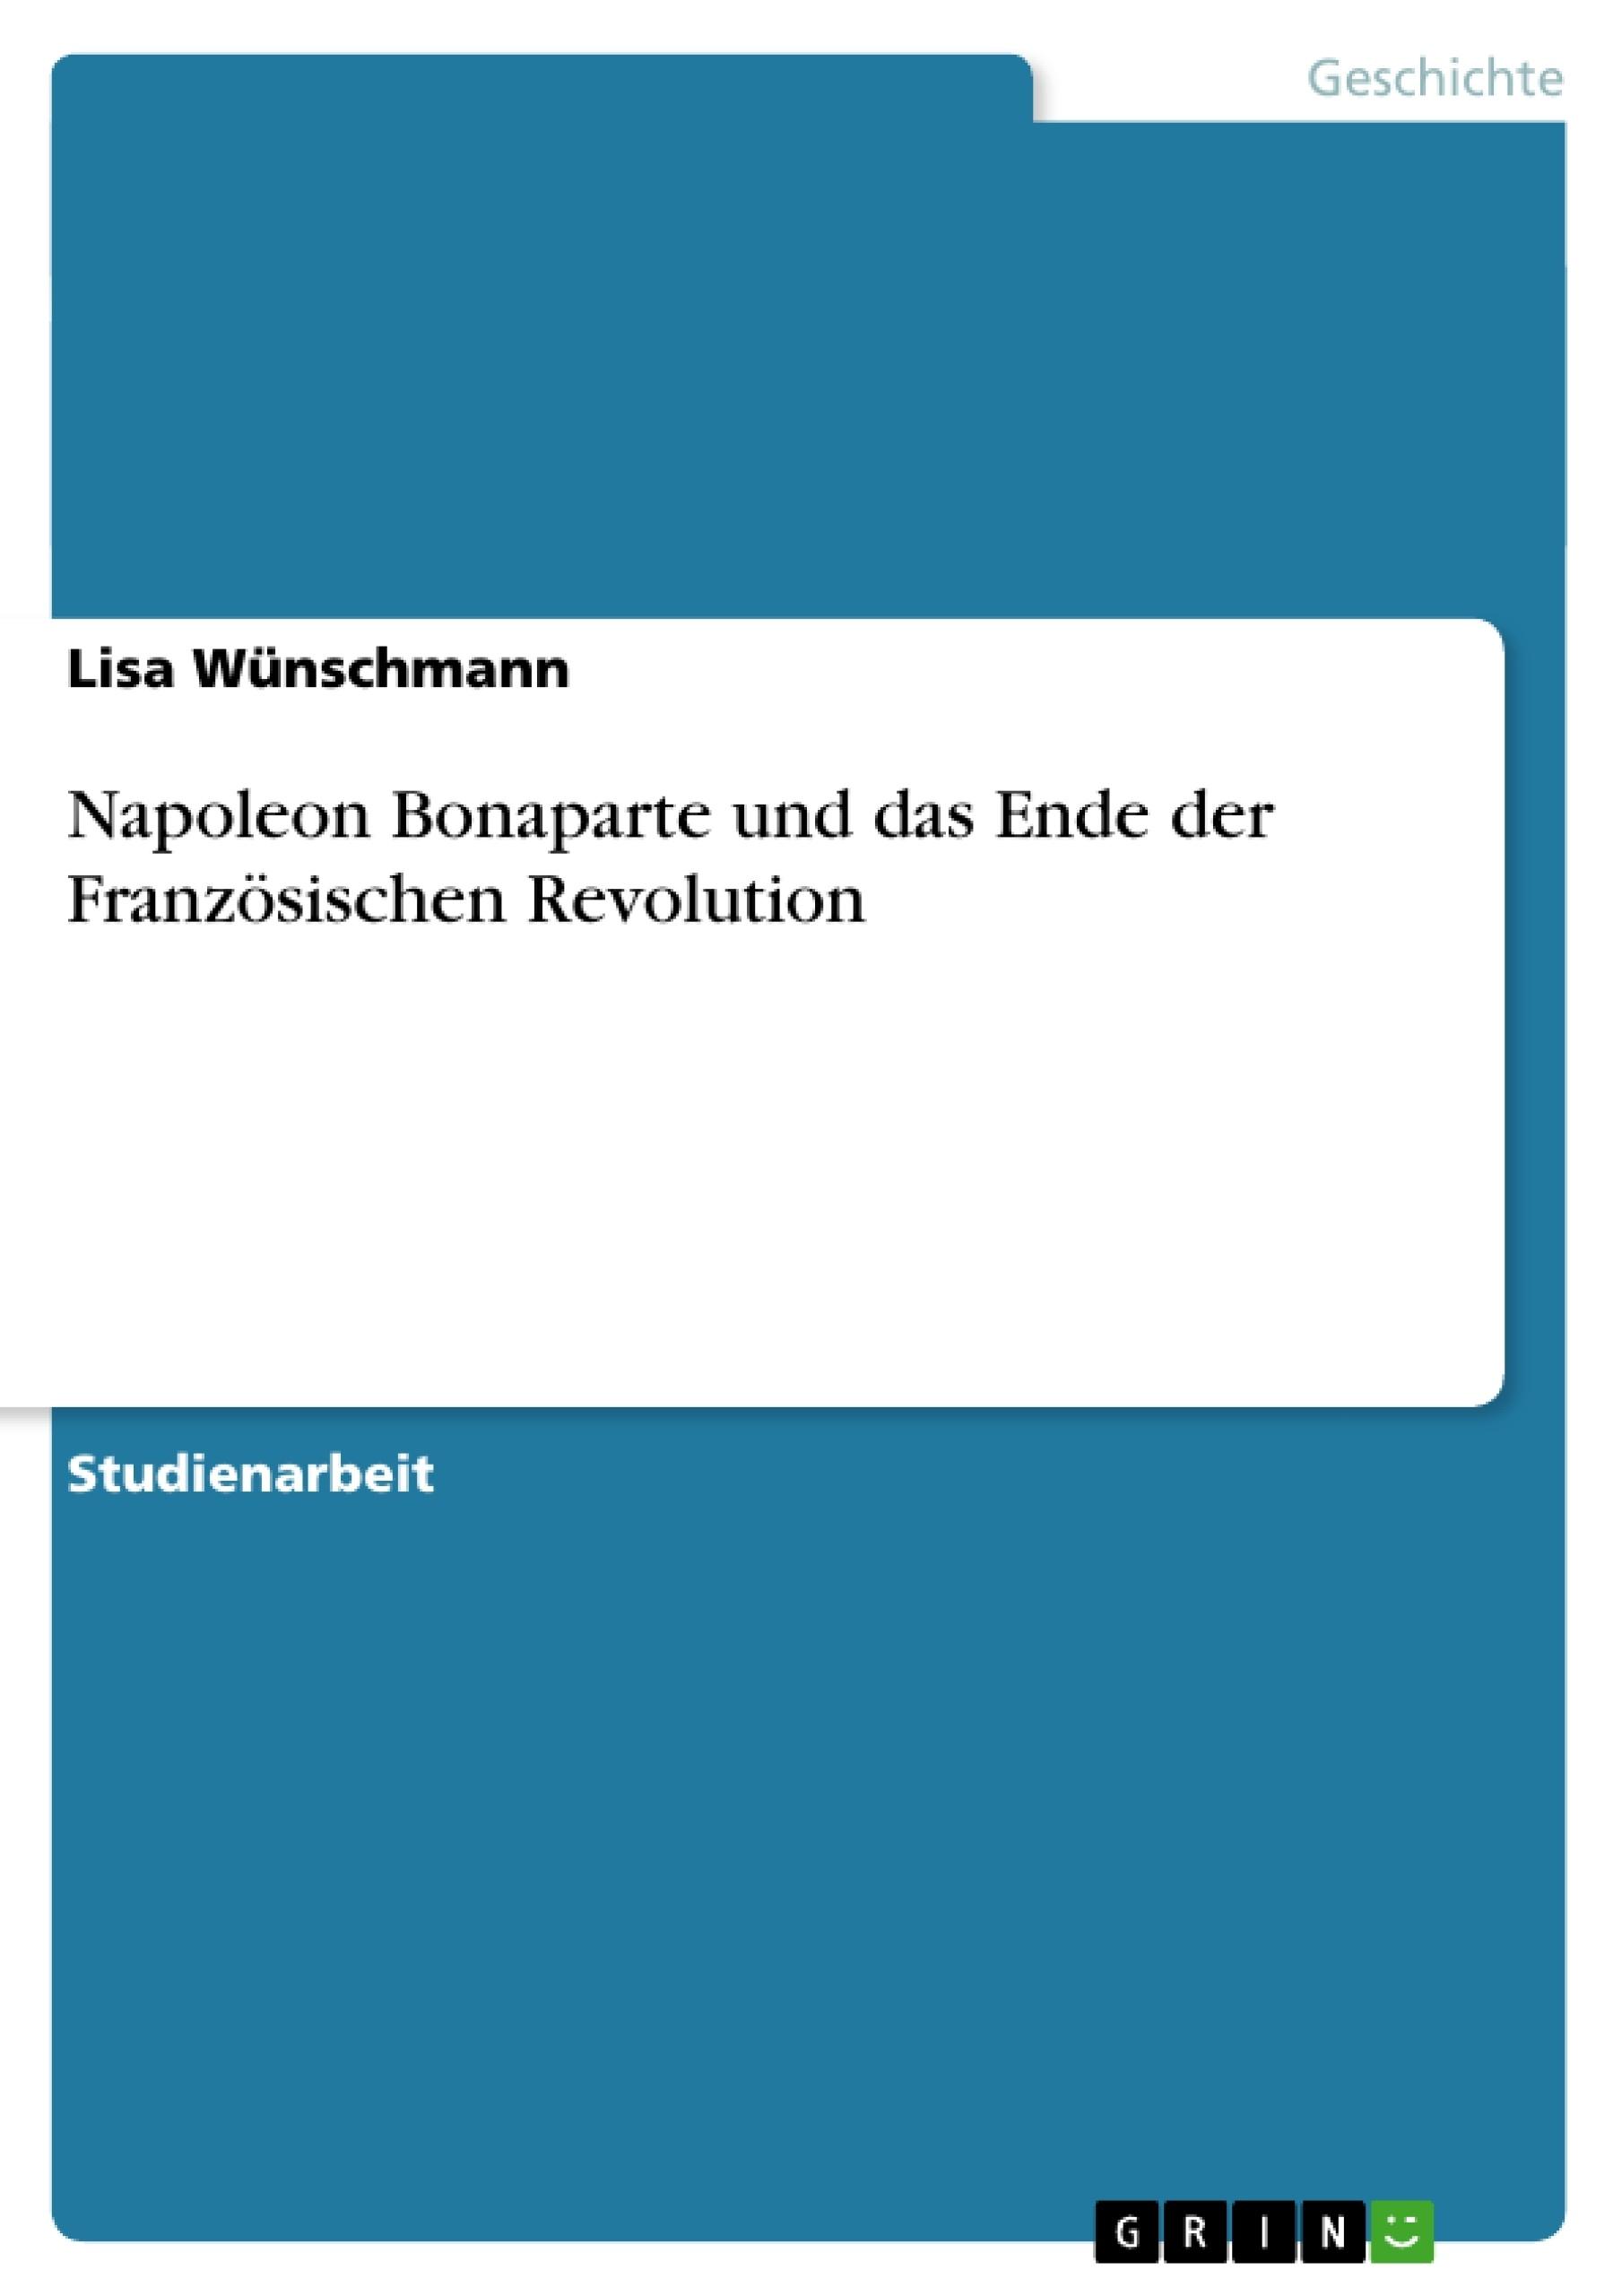 Titel: Napoleon Bonaparte und das Ende der Französischen Revolution